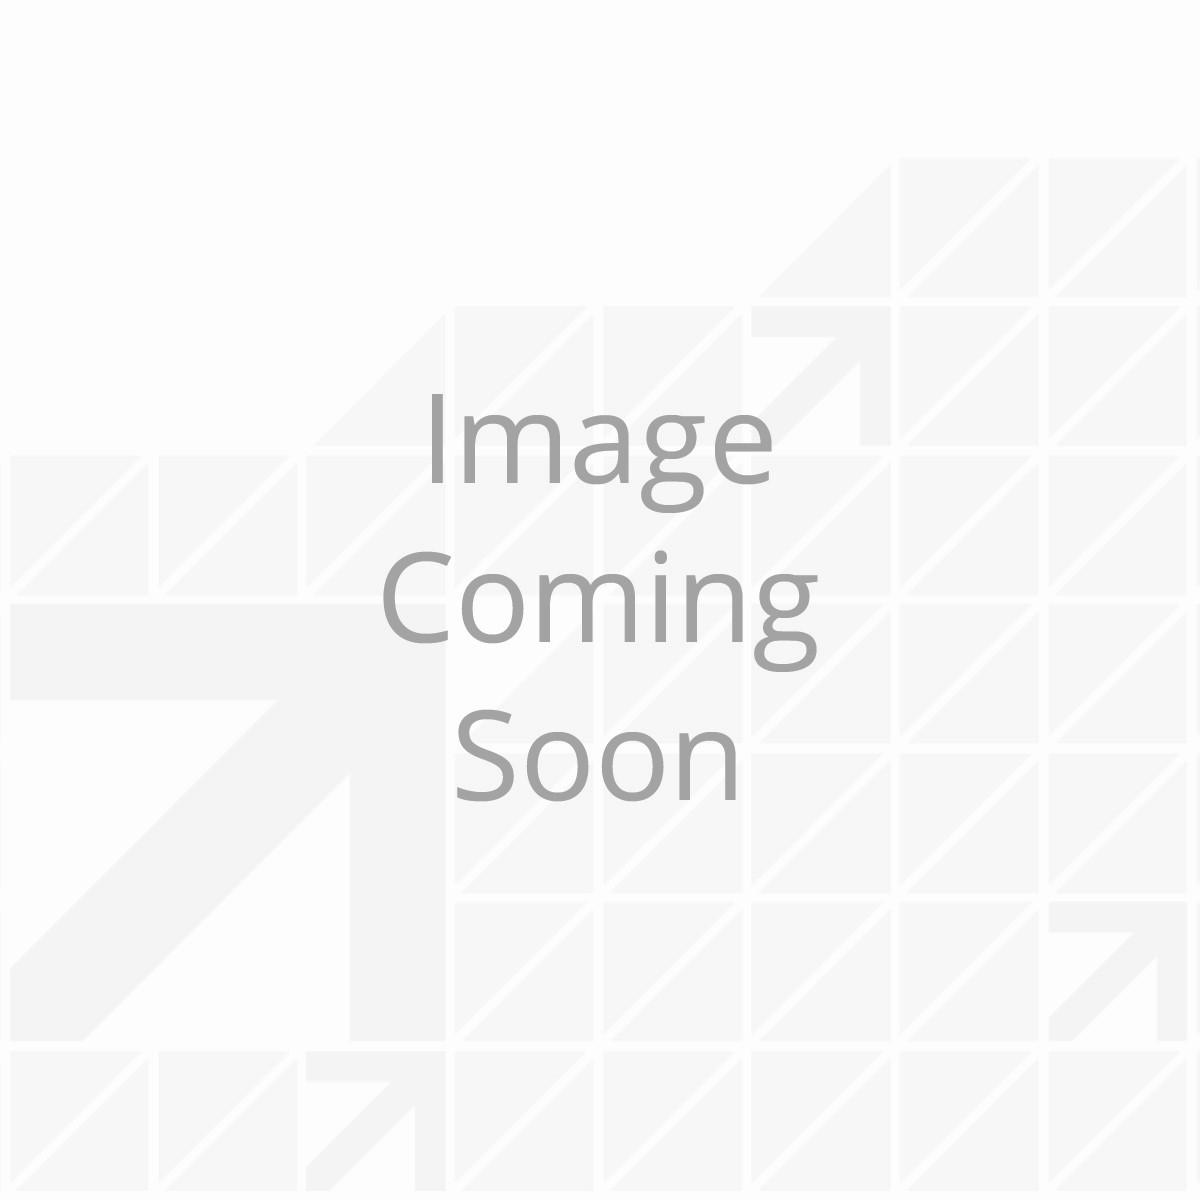 6500-04-04; SWIVEL ELBOW